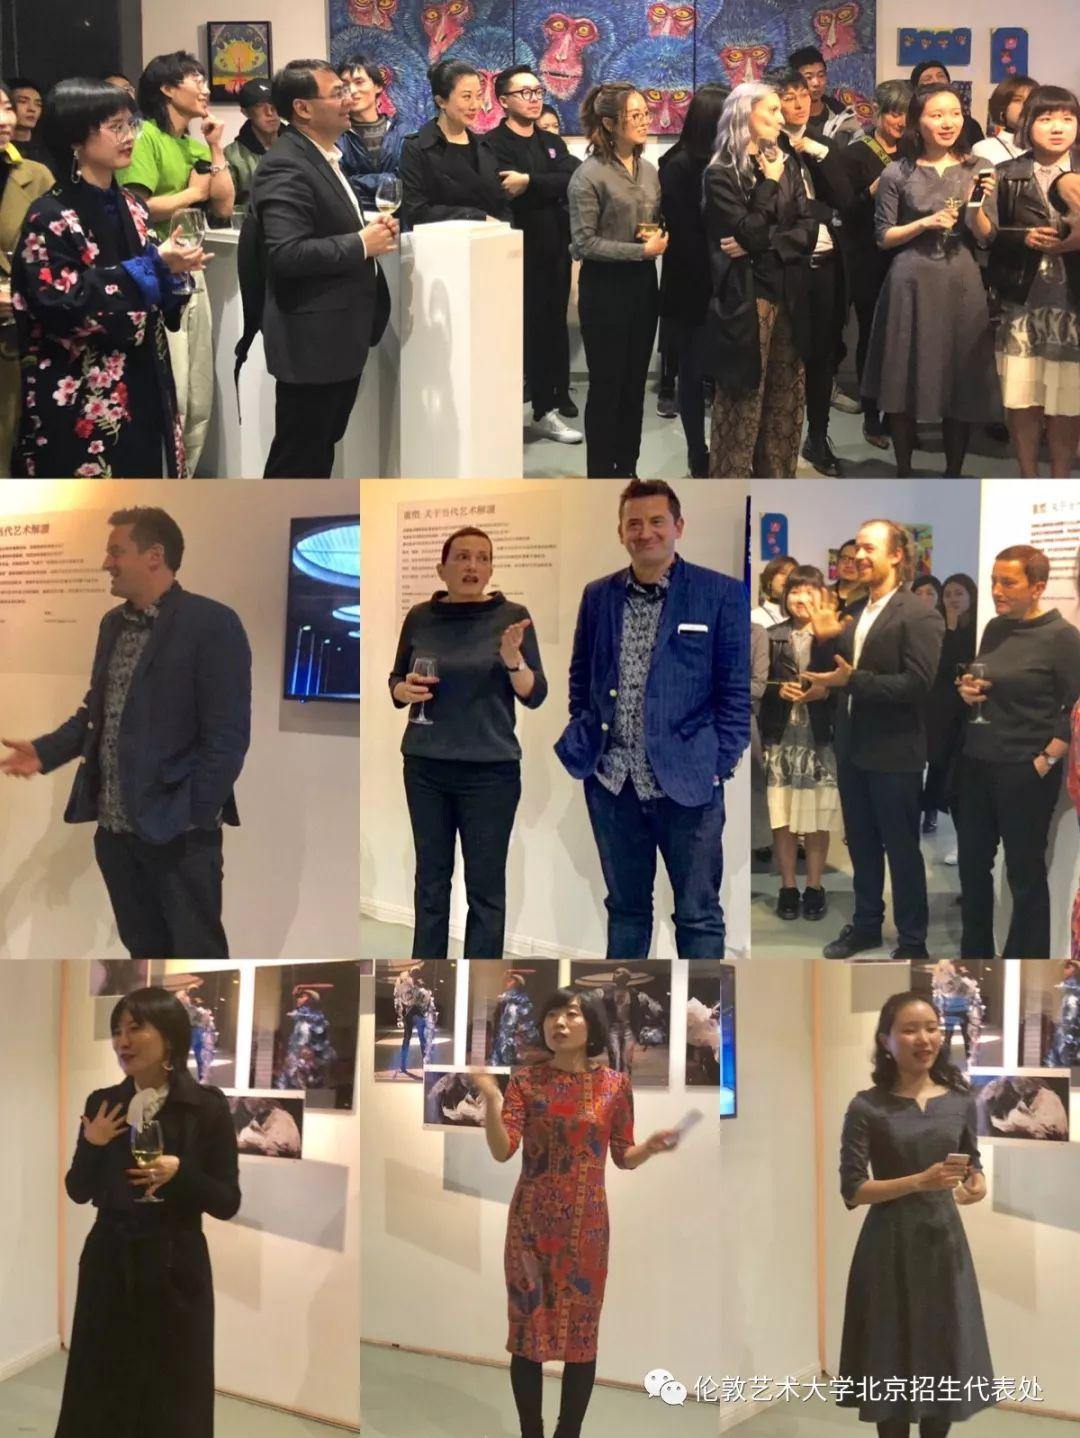 所以伦敦艺术大学年轻的艺术家们和策展人们聚一起能做到什么?